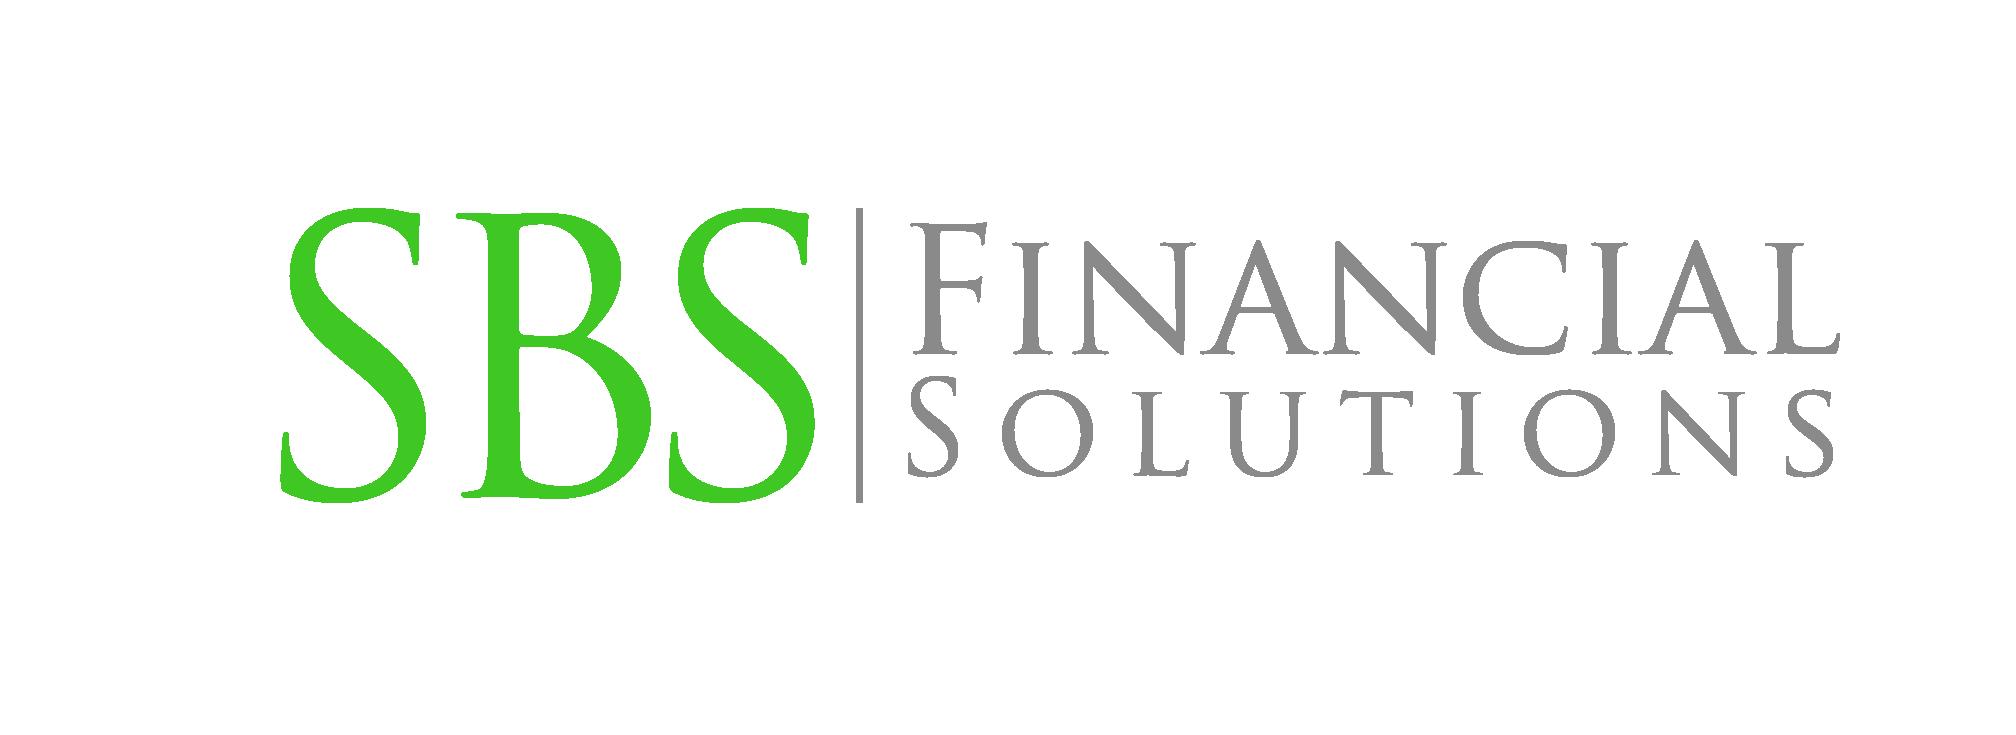 SBS Financing